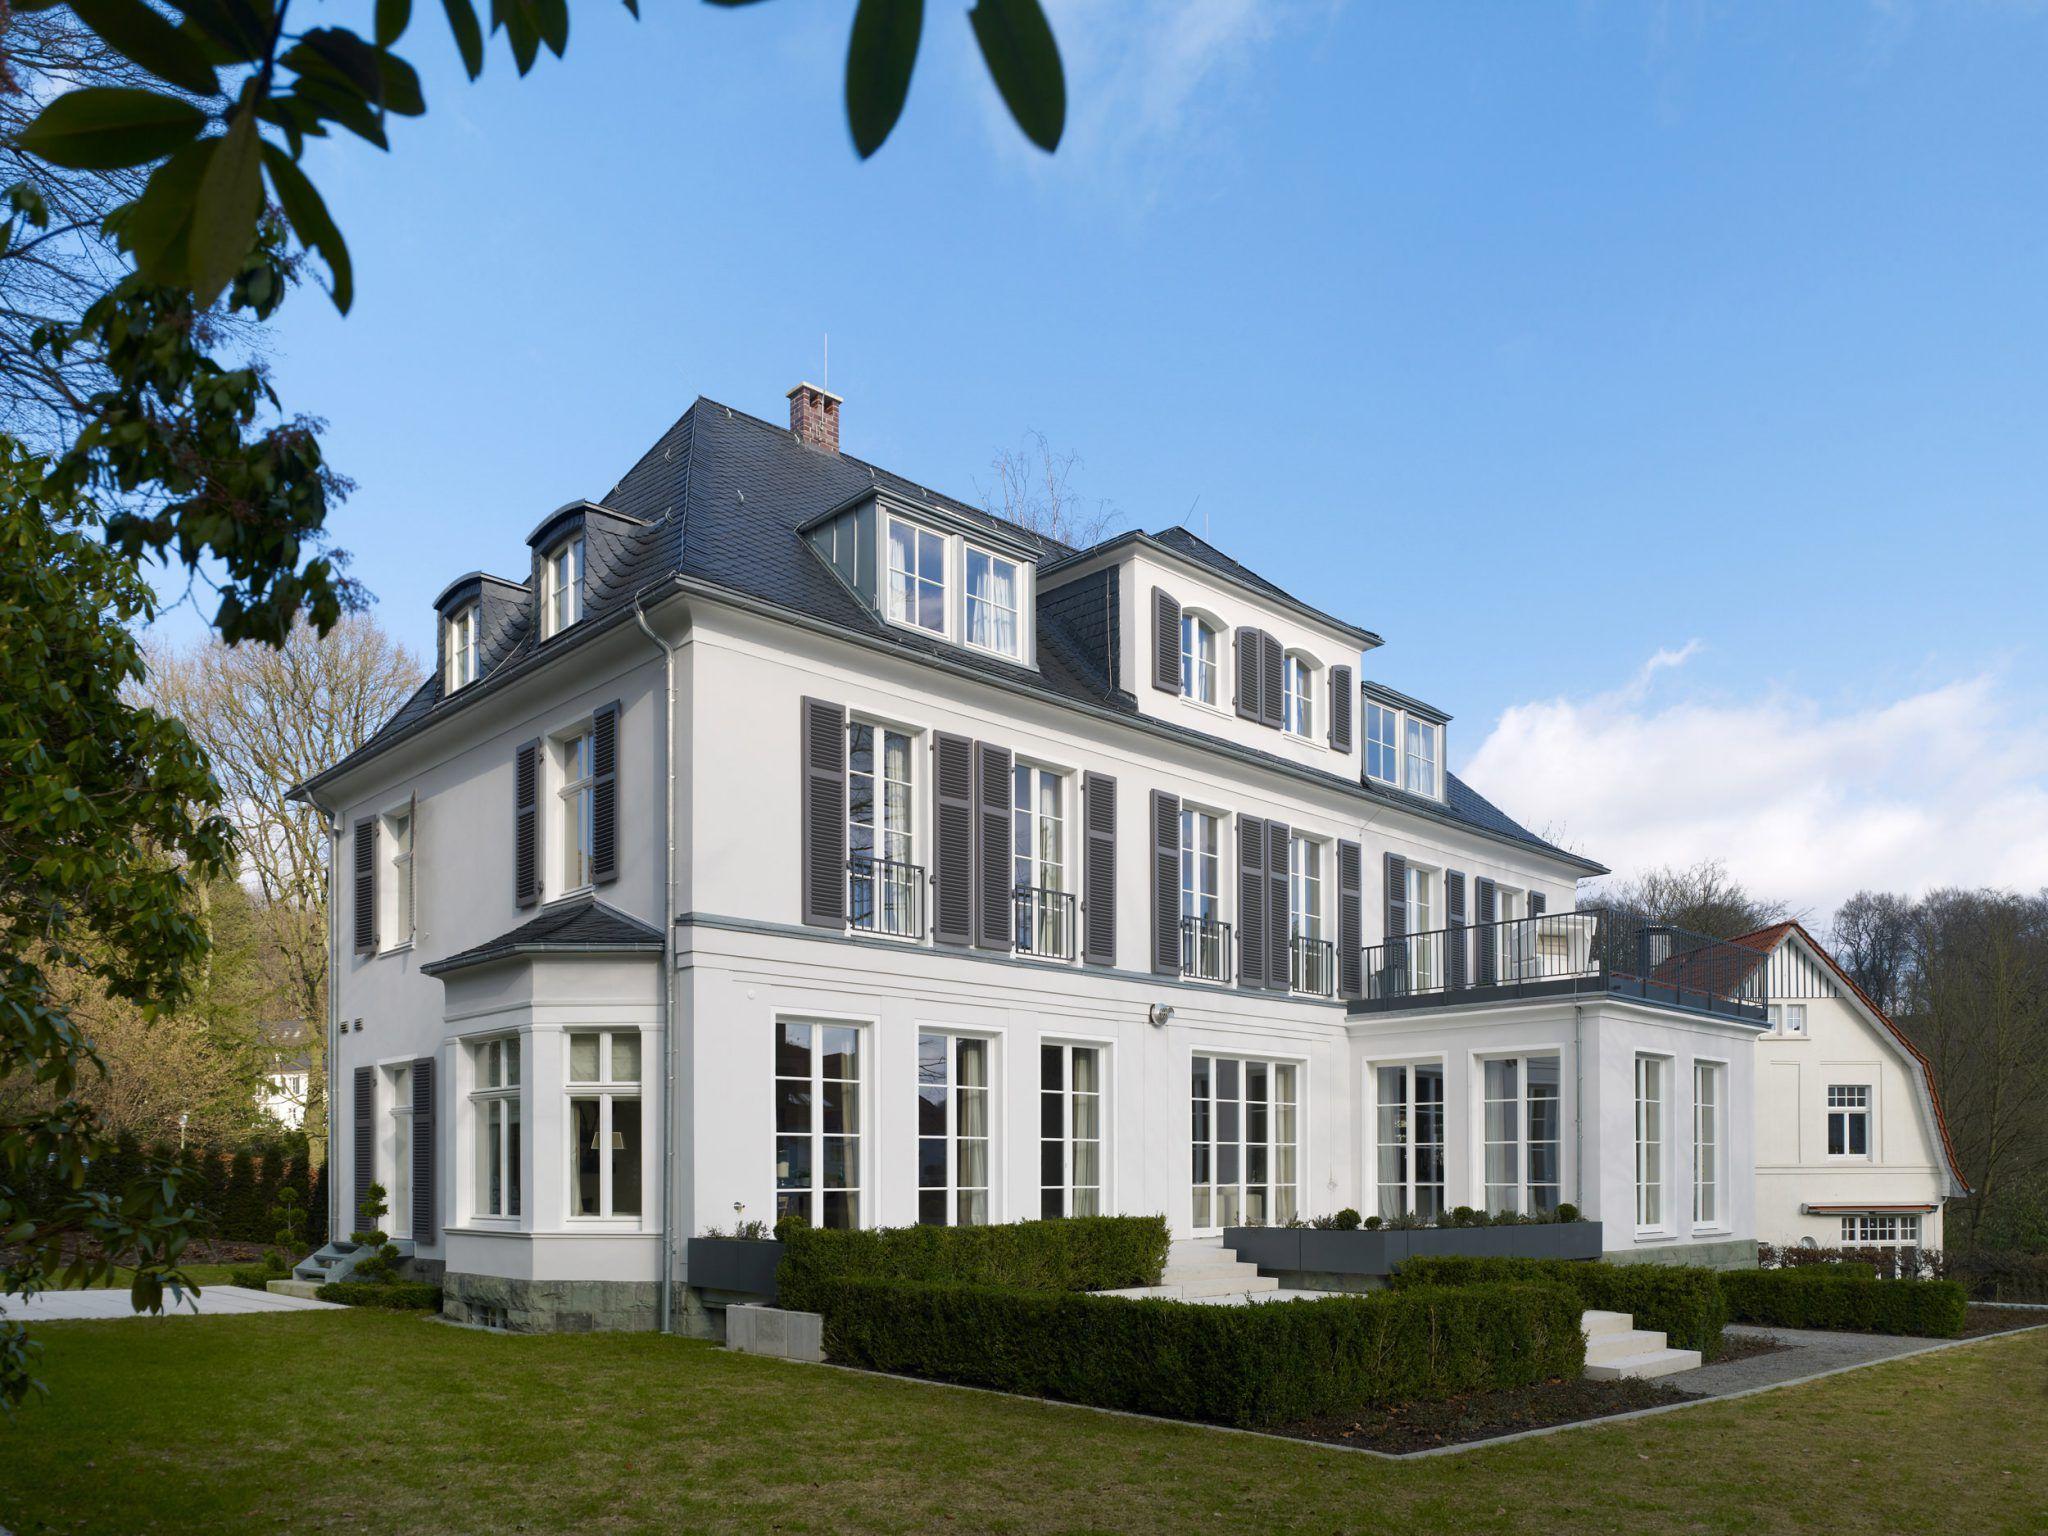 haus s kahlfeldt architekten klassische villen haus architektur und haus pl ne. Black Bedroom Furniture Sets. Home Design Ideas